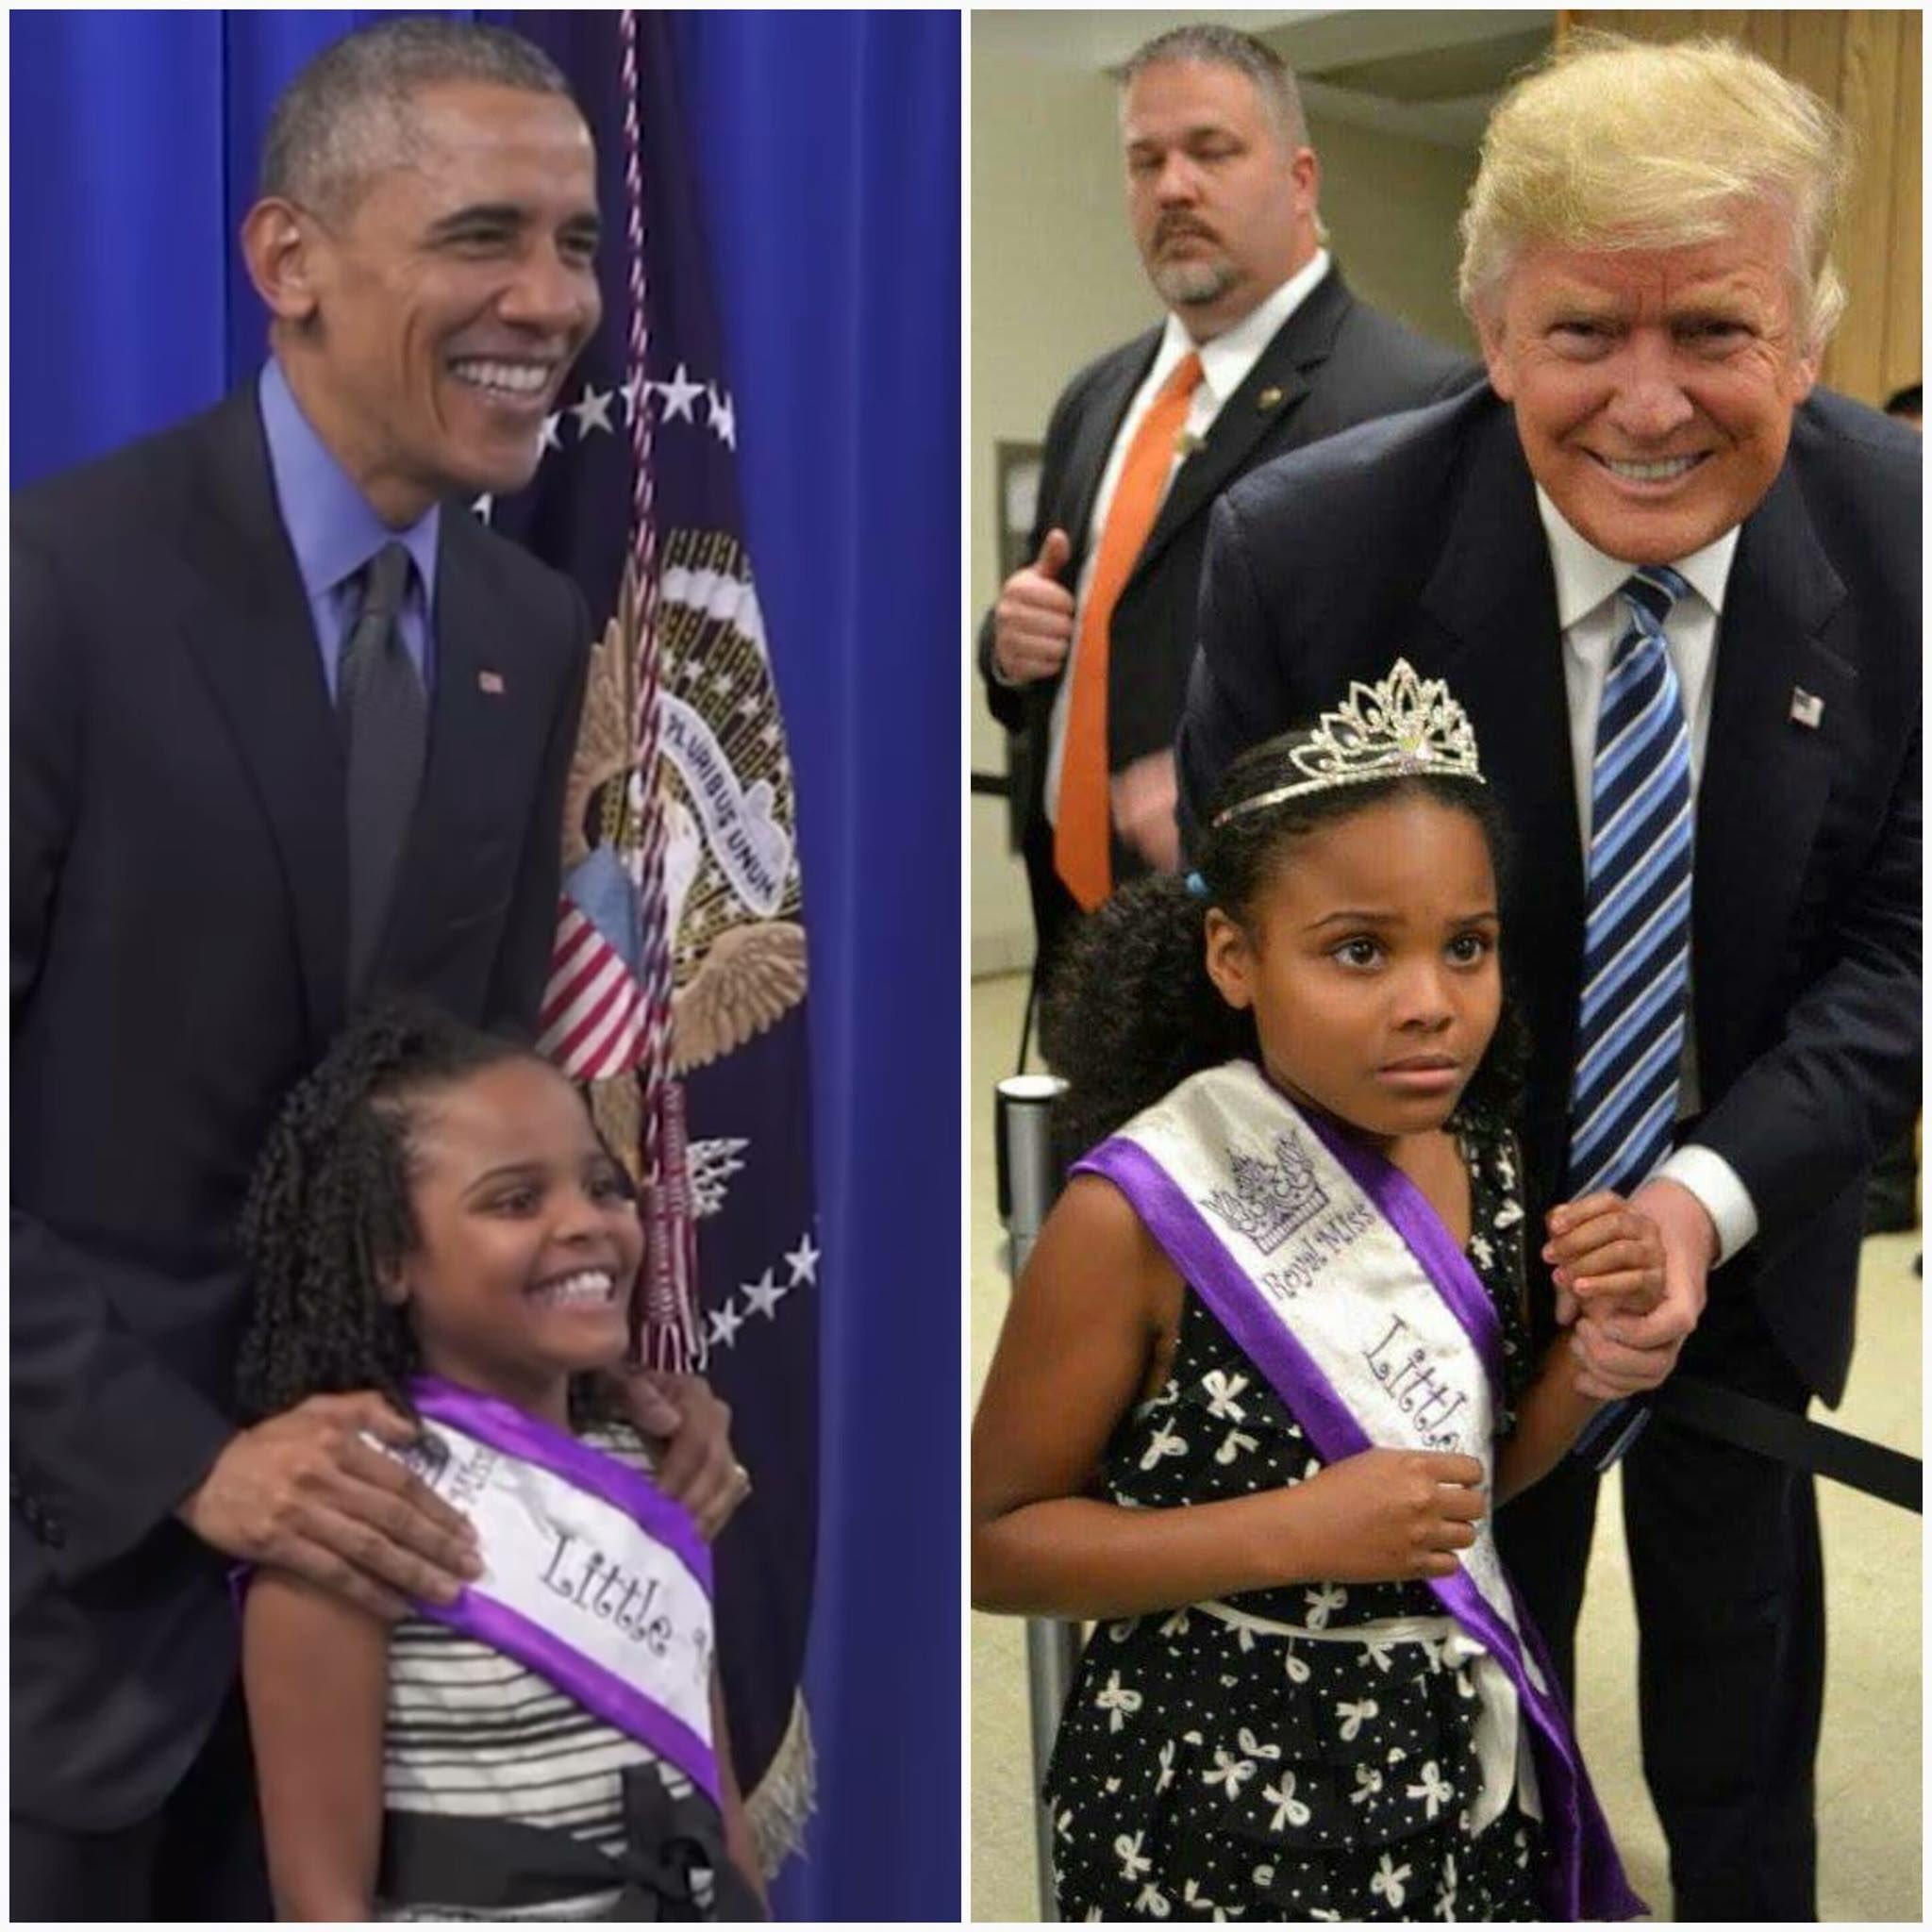 Little Miss Flint on Obama x Trump